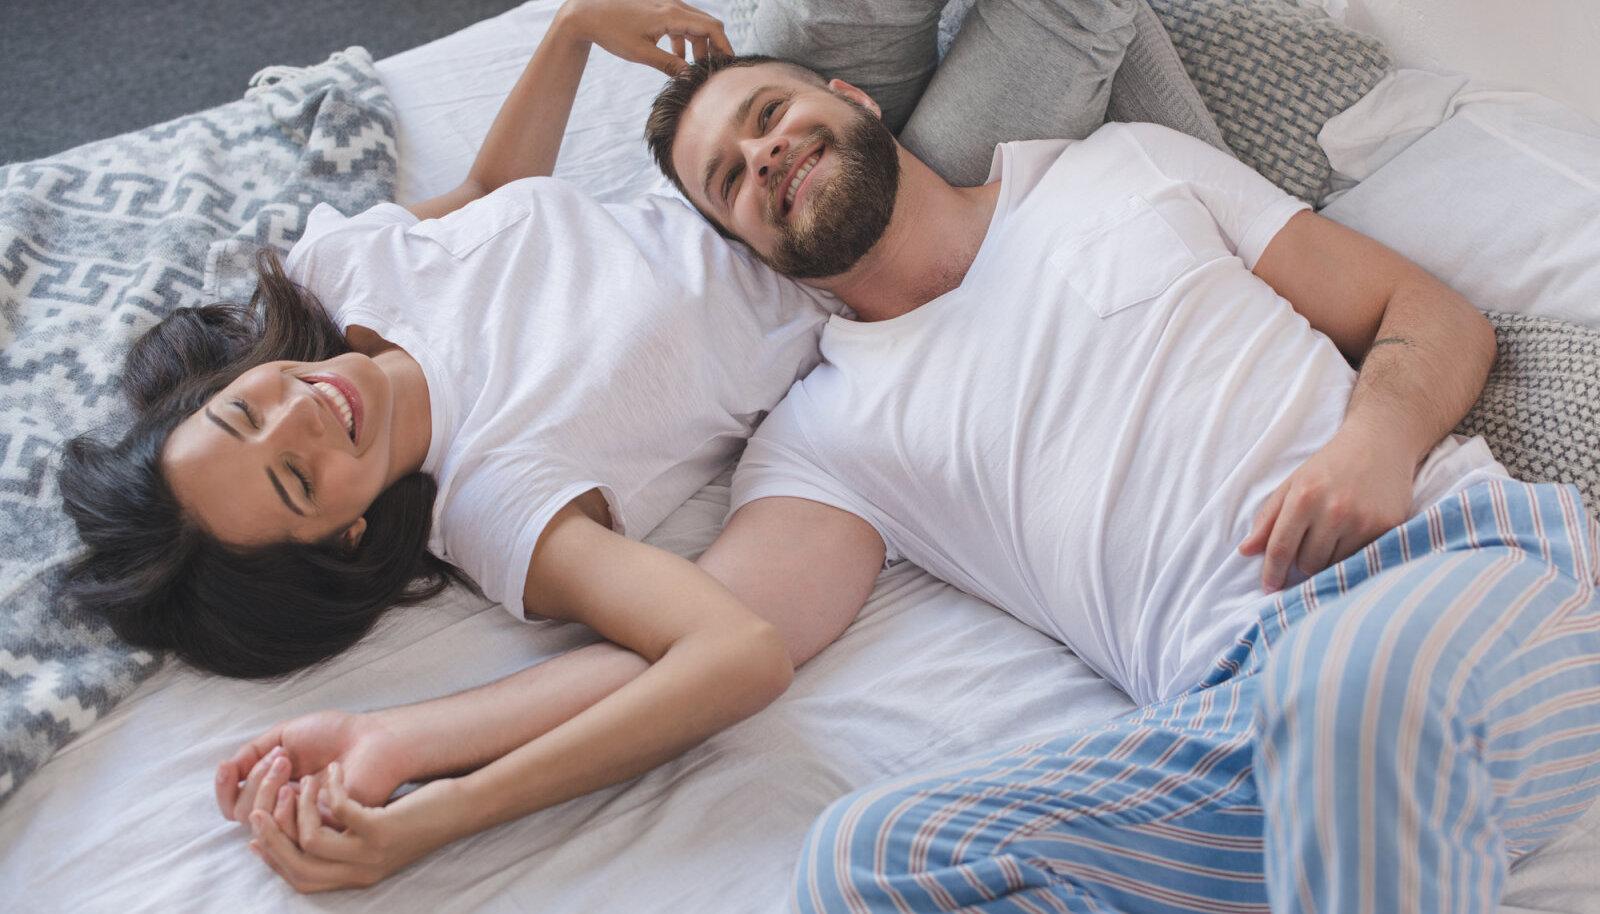 Naine on sinu jaoks õige, kui ta paneb sind tundma end paremana, elavamana, seikluslikumana, rõõmsamana ja armastatumana